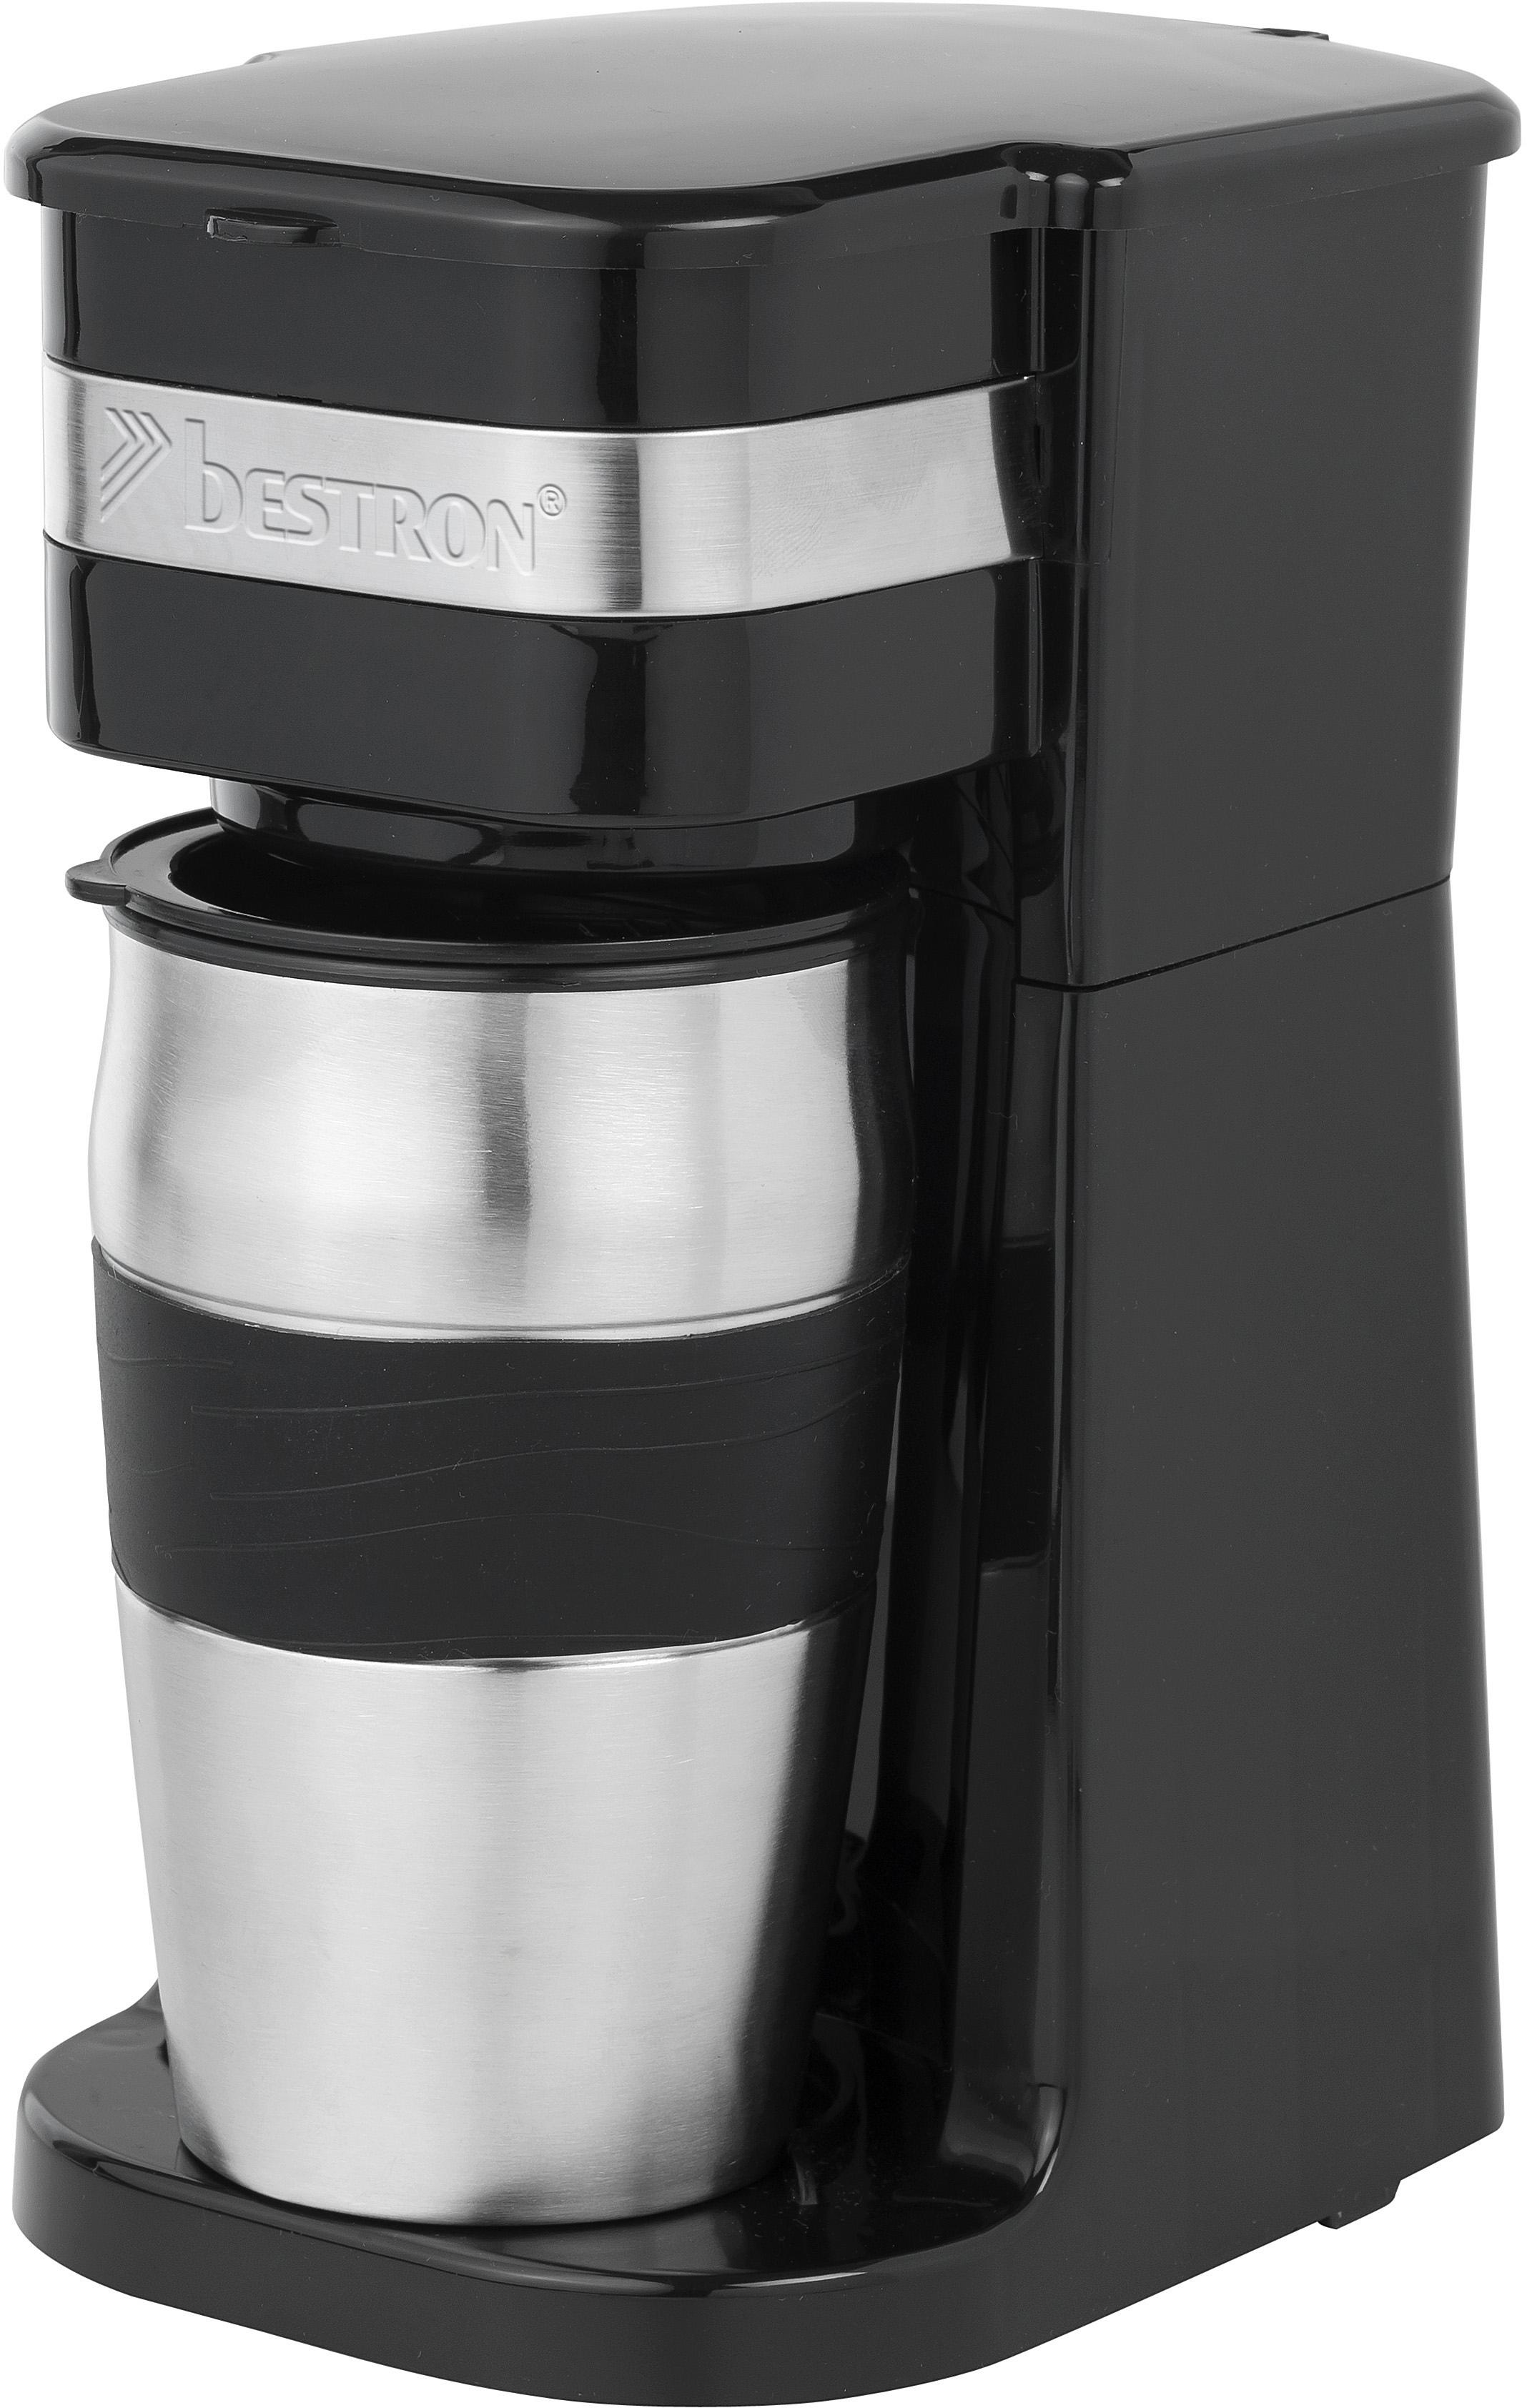 Bestron Koffiezetapparaat ACM111Z, met thermoskan, zwart - verschillende betaalmethodes